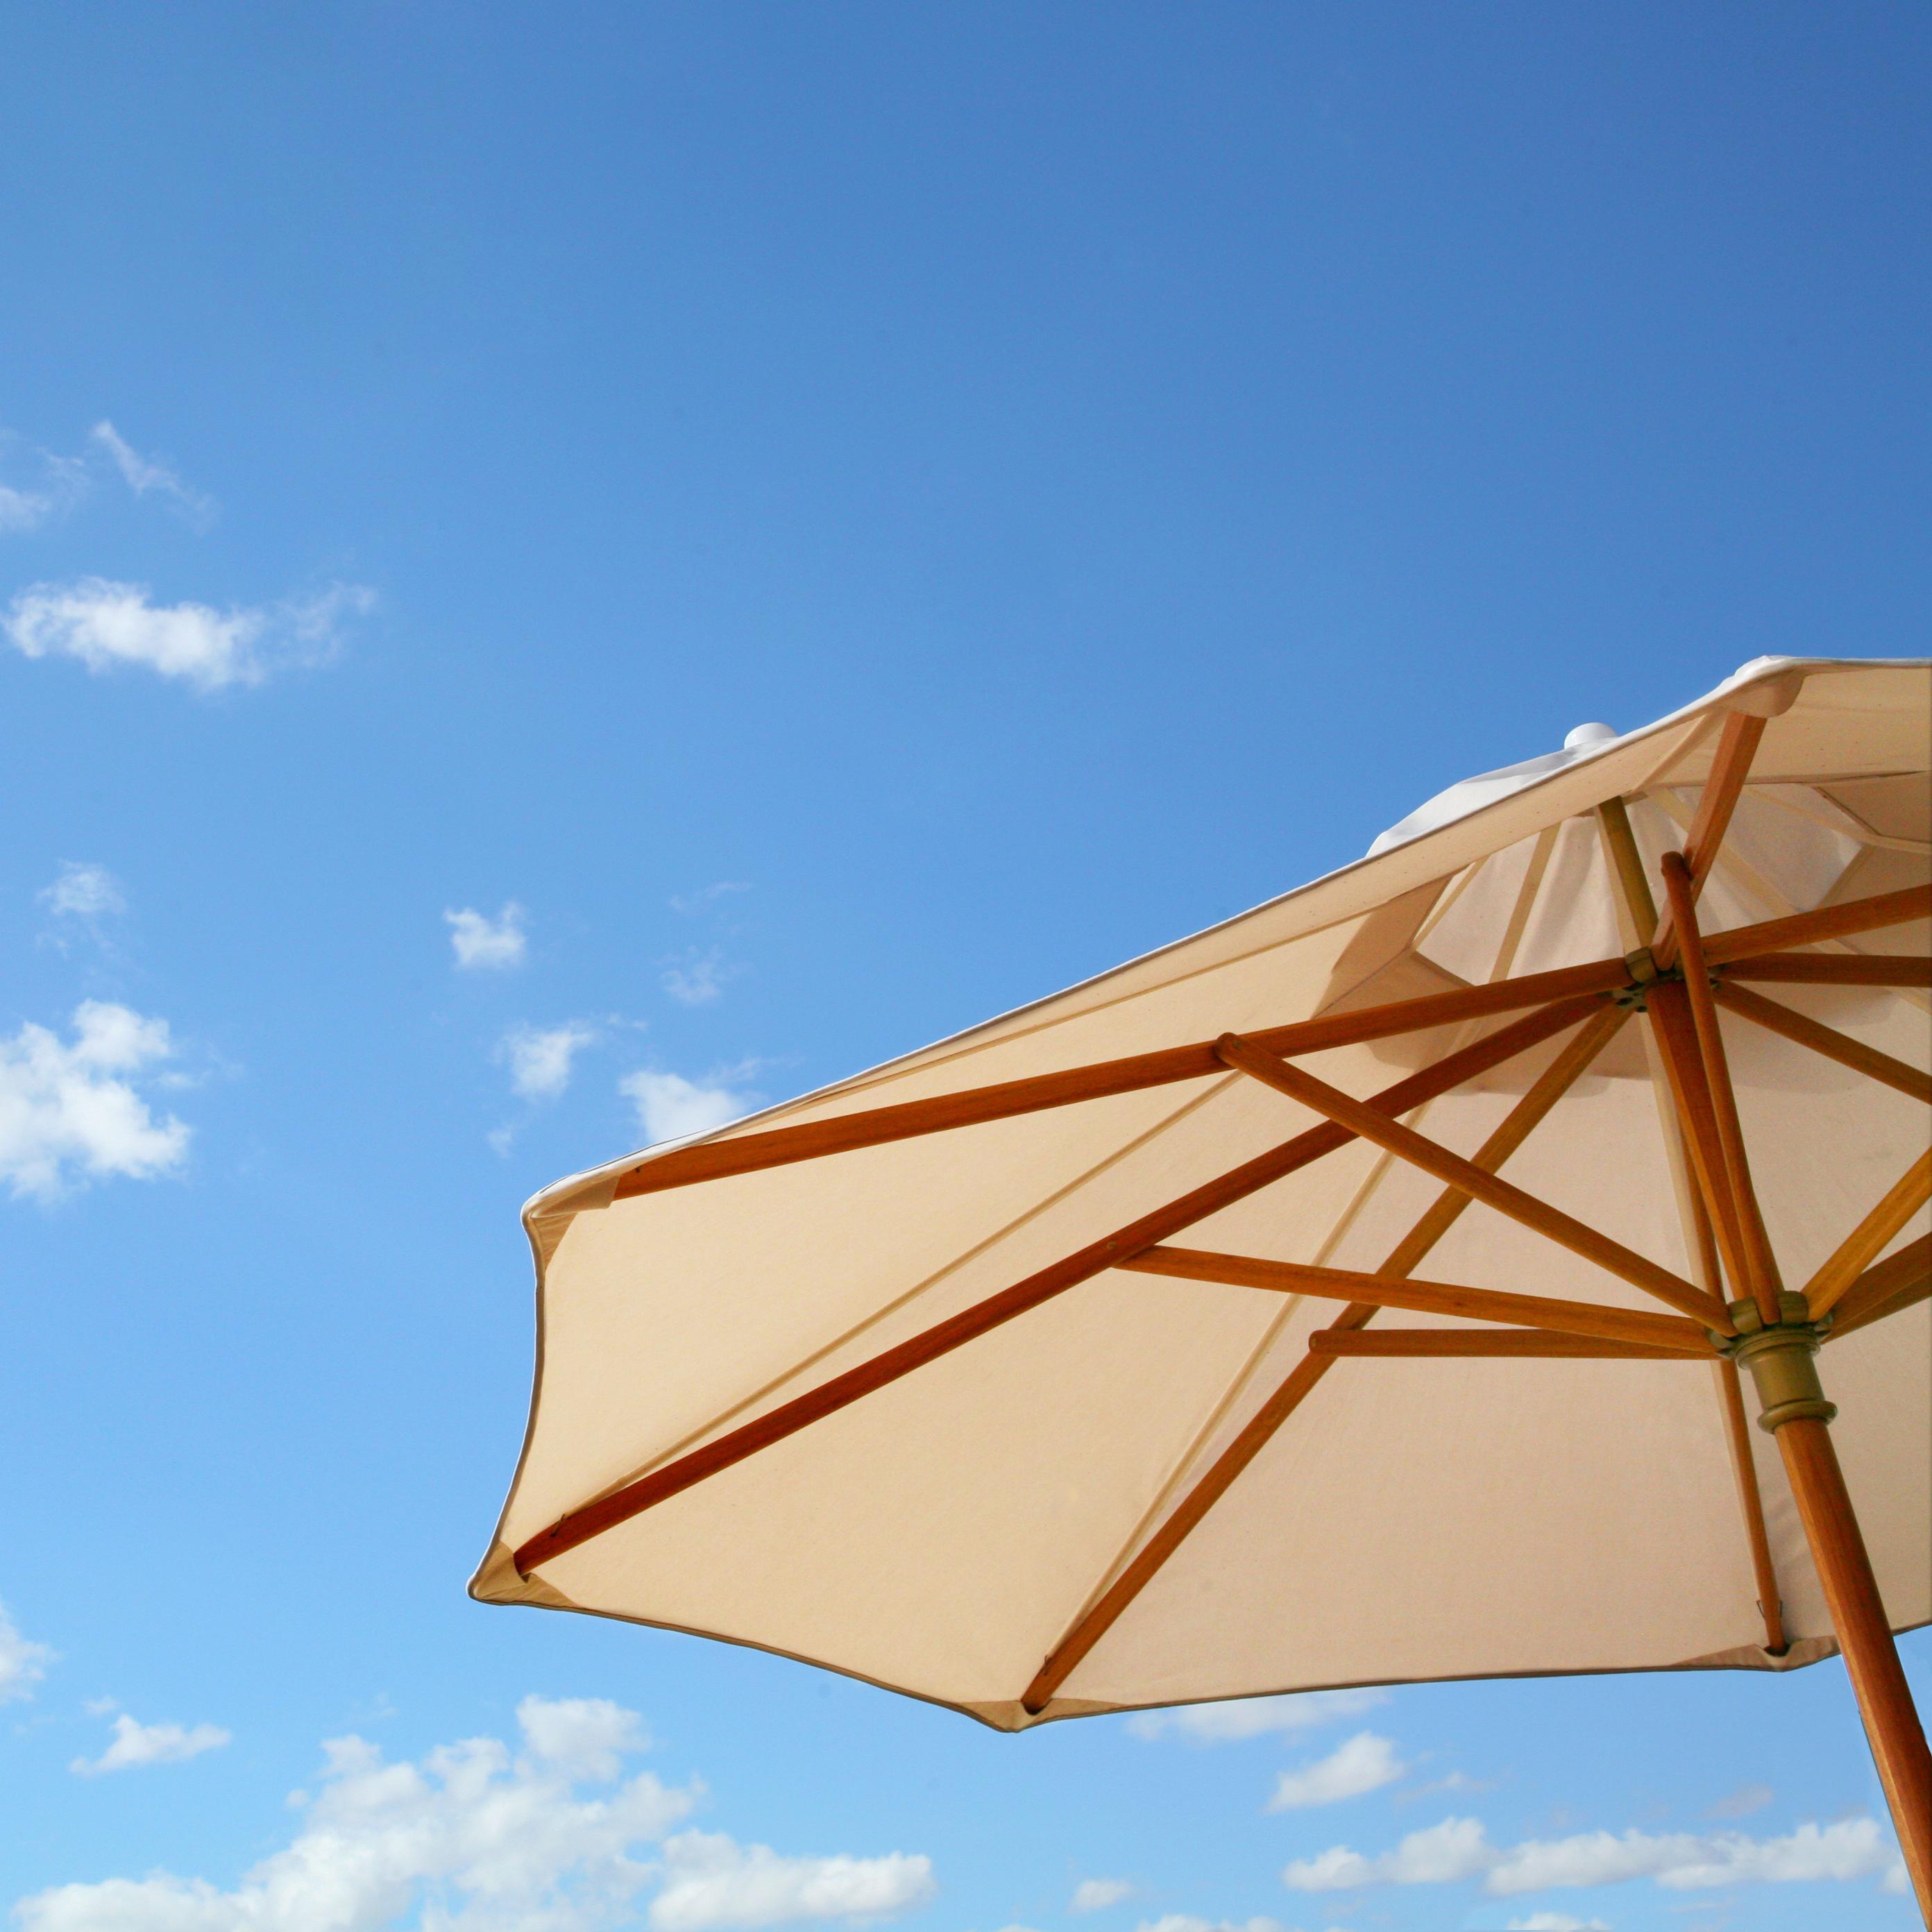 Sonnenschutz für den Garten: 6 Ideen für idealen Schatten